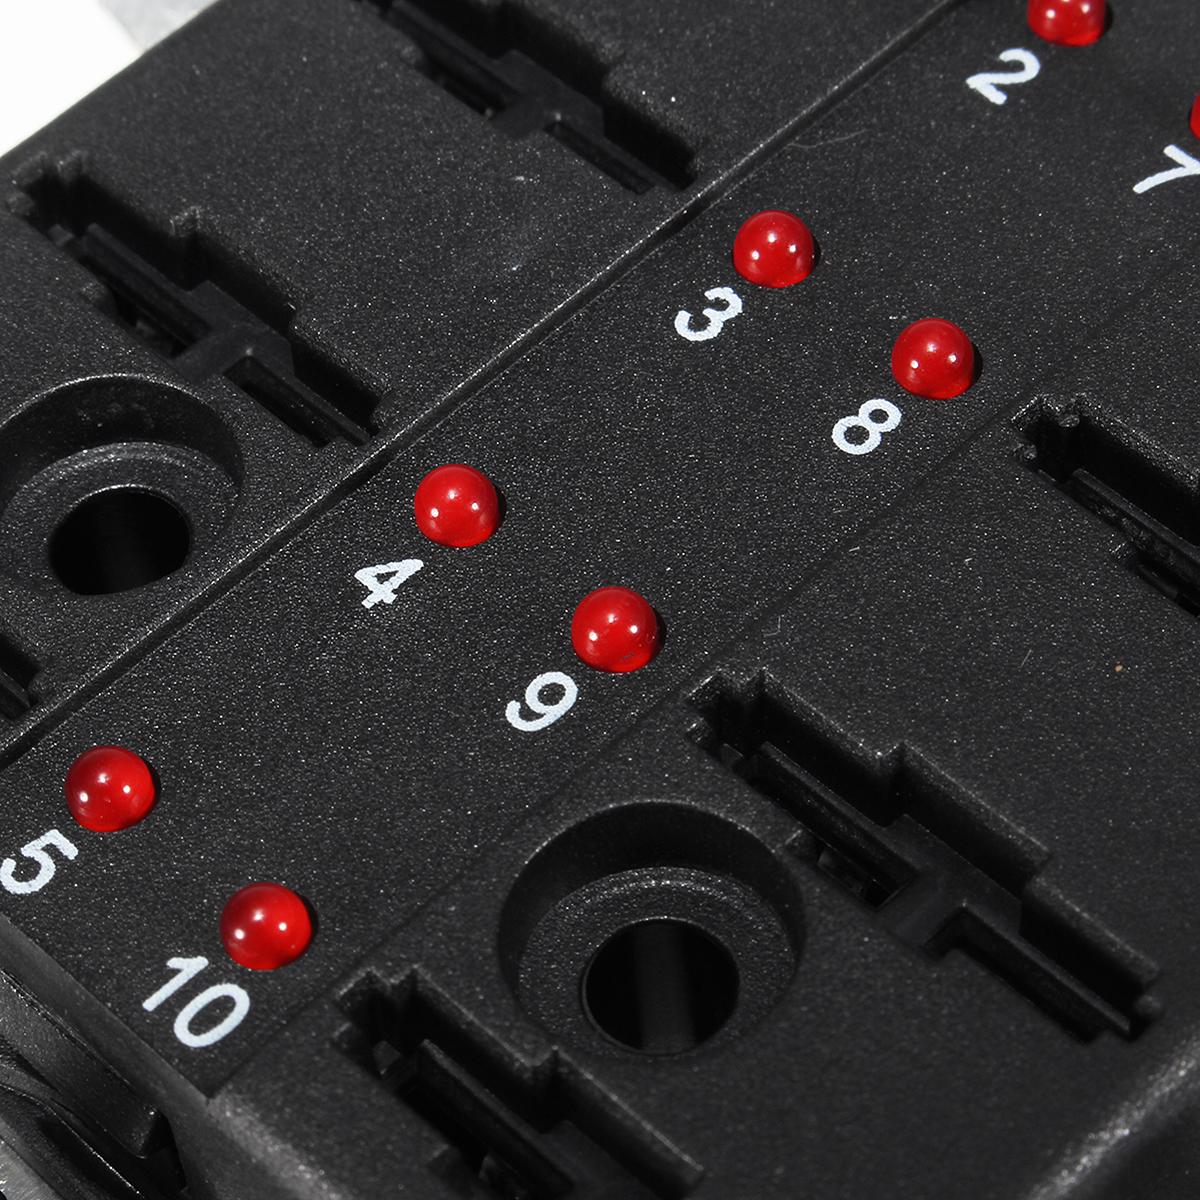 12V-32V 10 Way Blade Fuse Коннектор Держатель Коробка 5-30A с LED Предупредительный световой сигнал Набор Набор для Авто - фото f270dc87-f7bb-4e89-8d39-6823a4c9ab86.JPG